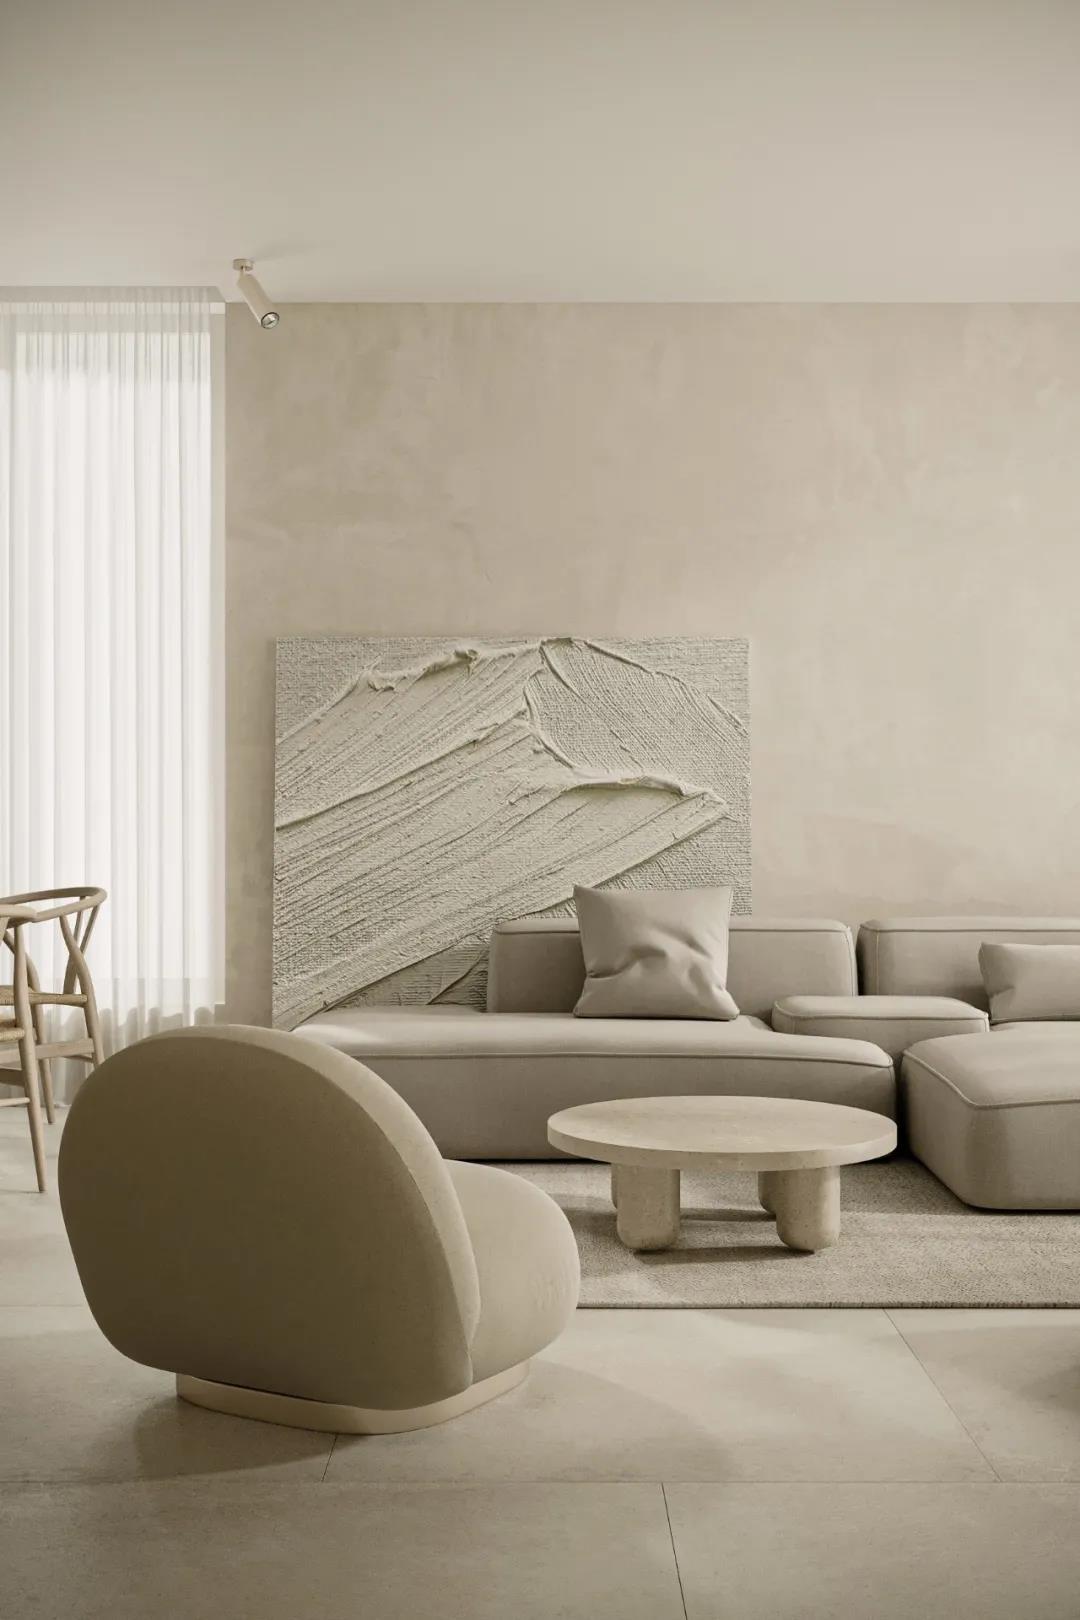 淳樸室內設計,浪漫溫柔的慢生活空間